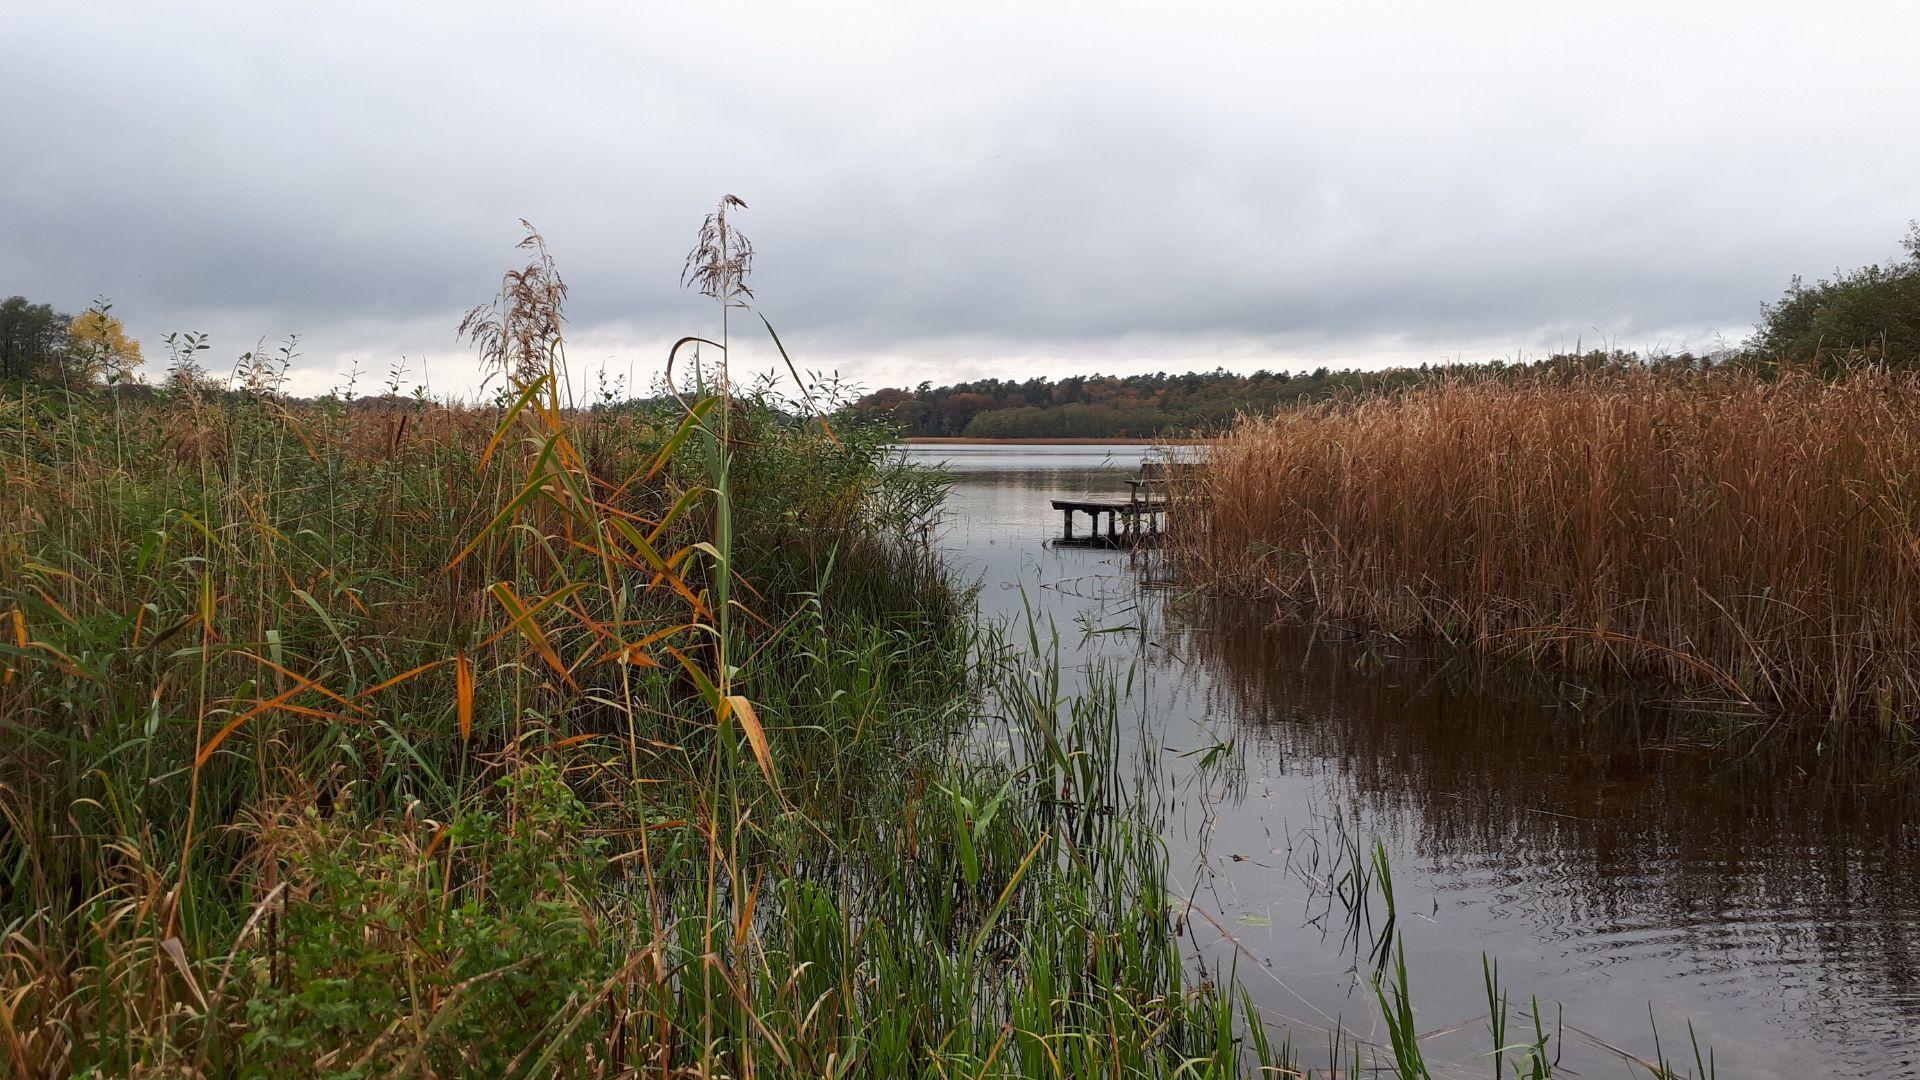 nordischgruen_kostenlose Hintergrundbilder Natur_Norddeutschland